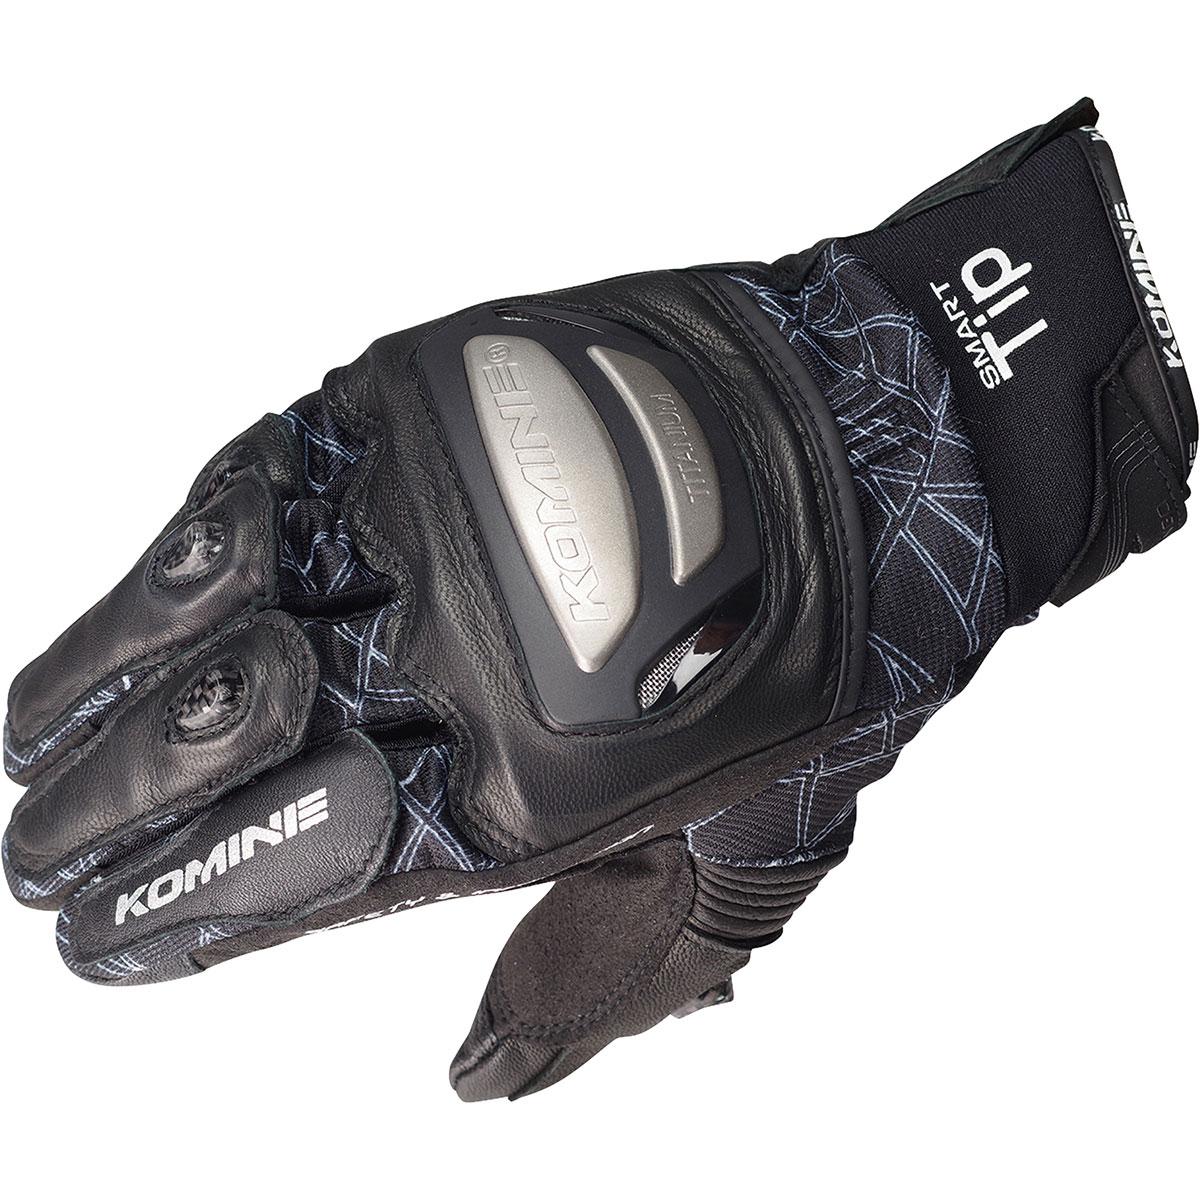 コミネ (Komine) バイク用 グローブ Gloves GK-214 チタニウムメッシュグローブ ブラック 黒 XLサイズ 06-214/BK/XL